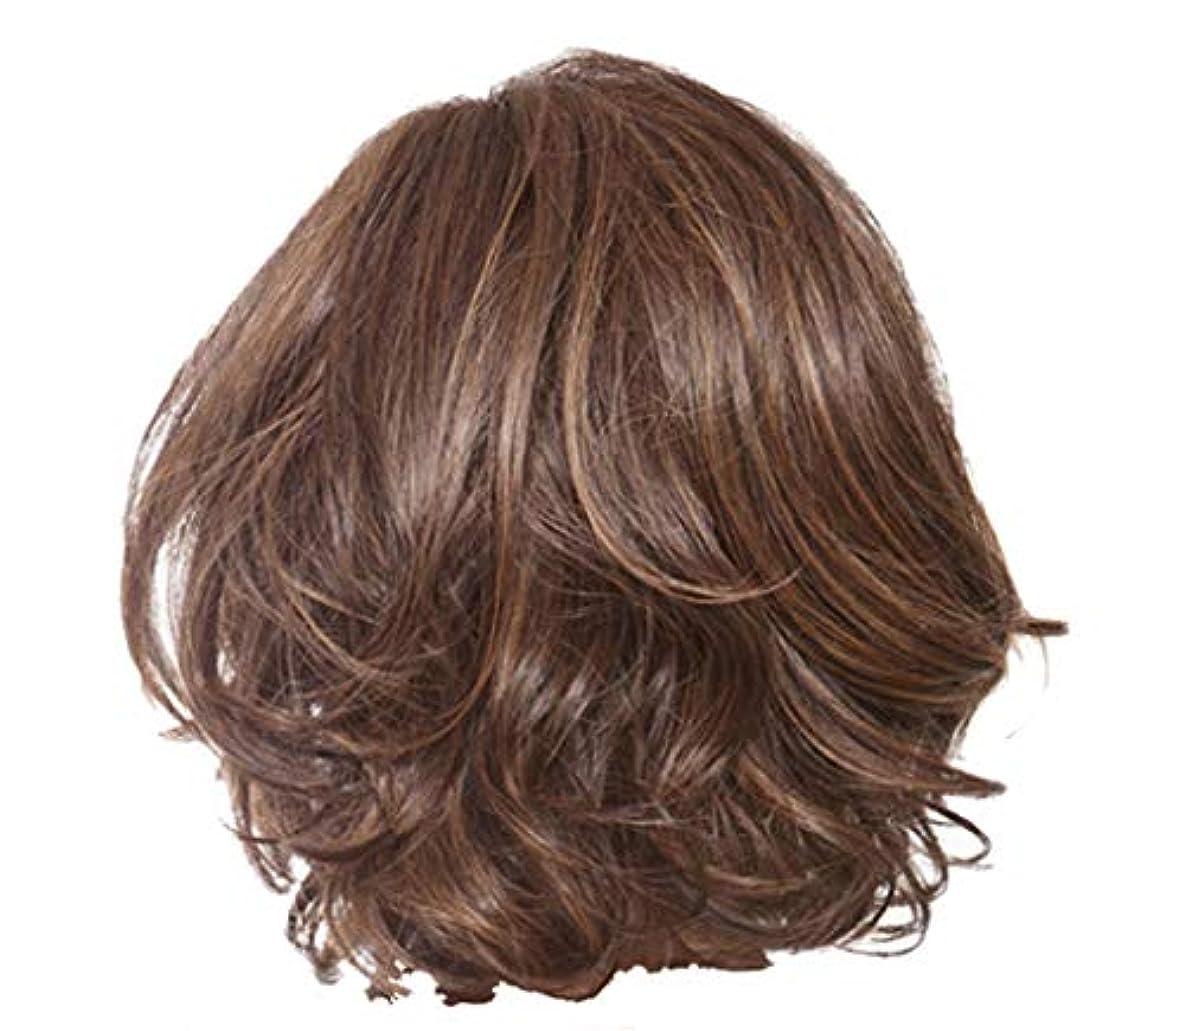 探検ライナーチェリーウィッグ女性のセクシーな短い巻き毛のかつらクールなハンサムなかつら36 cm